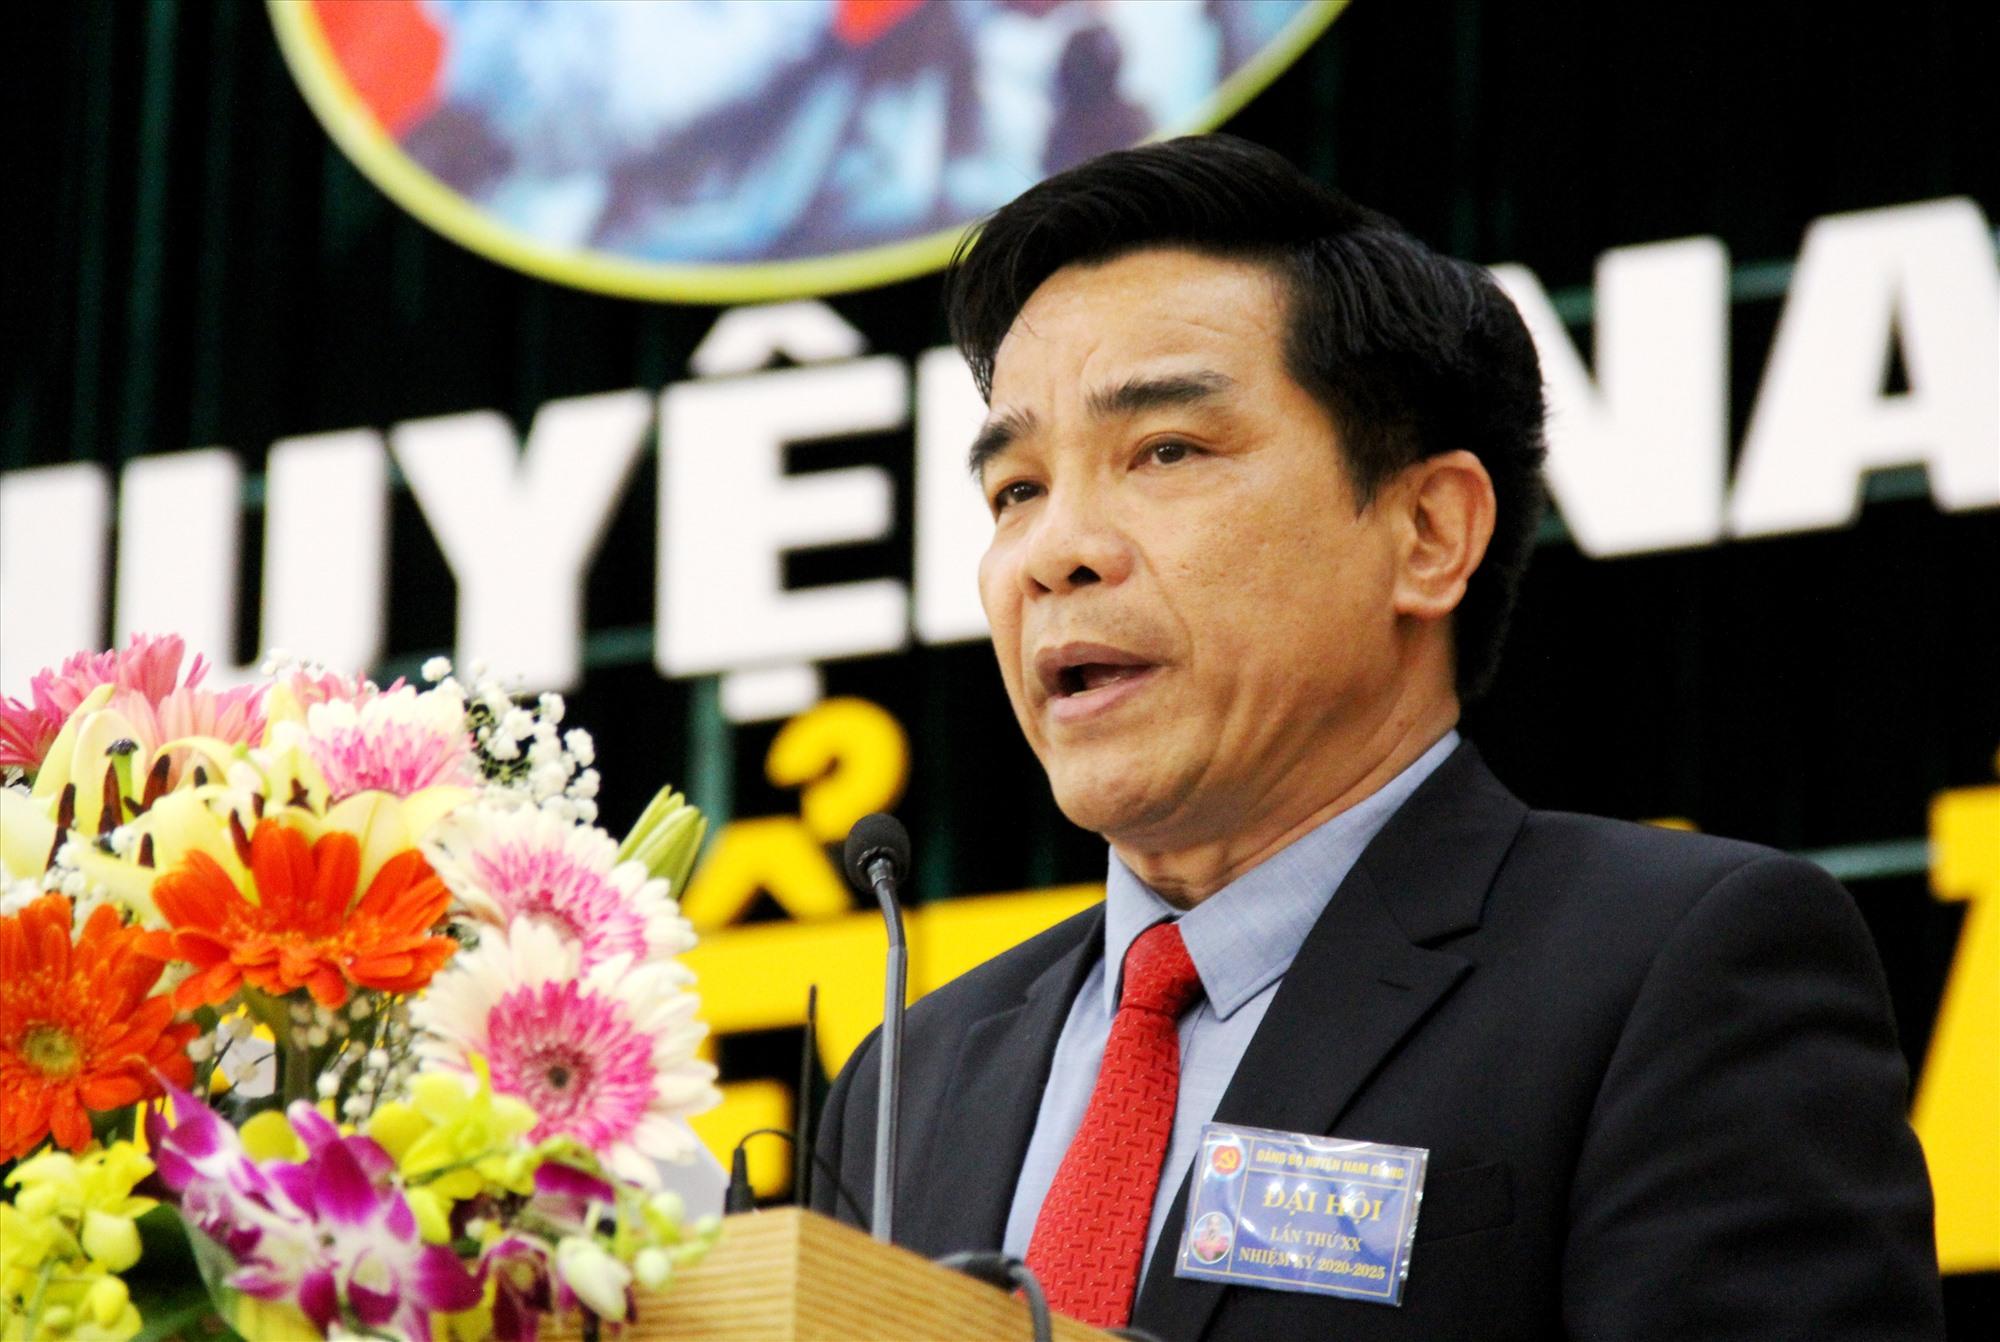 Phó Bí thư Thường trực Tỉnh ủy Lê Văn Dũng phát biểu chỉ đạo đại hội. Ảnh: A.N